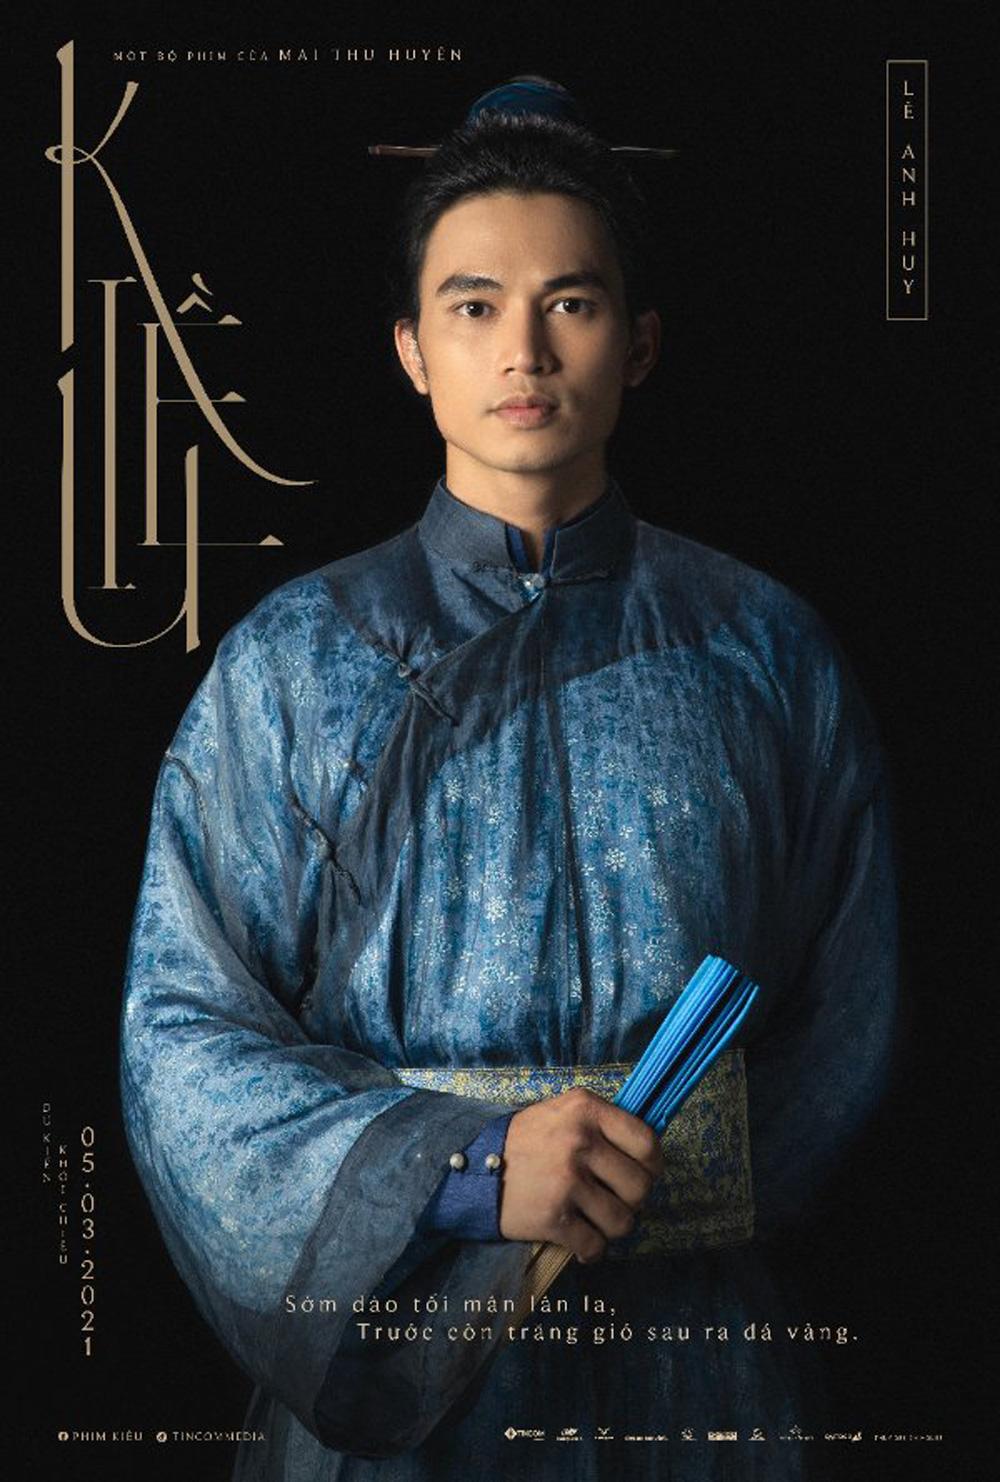 Tạo hình Thúc Sinh của Lê Anh Huy trong phim Kiều (2021)